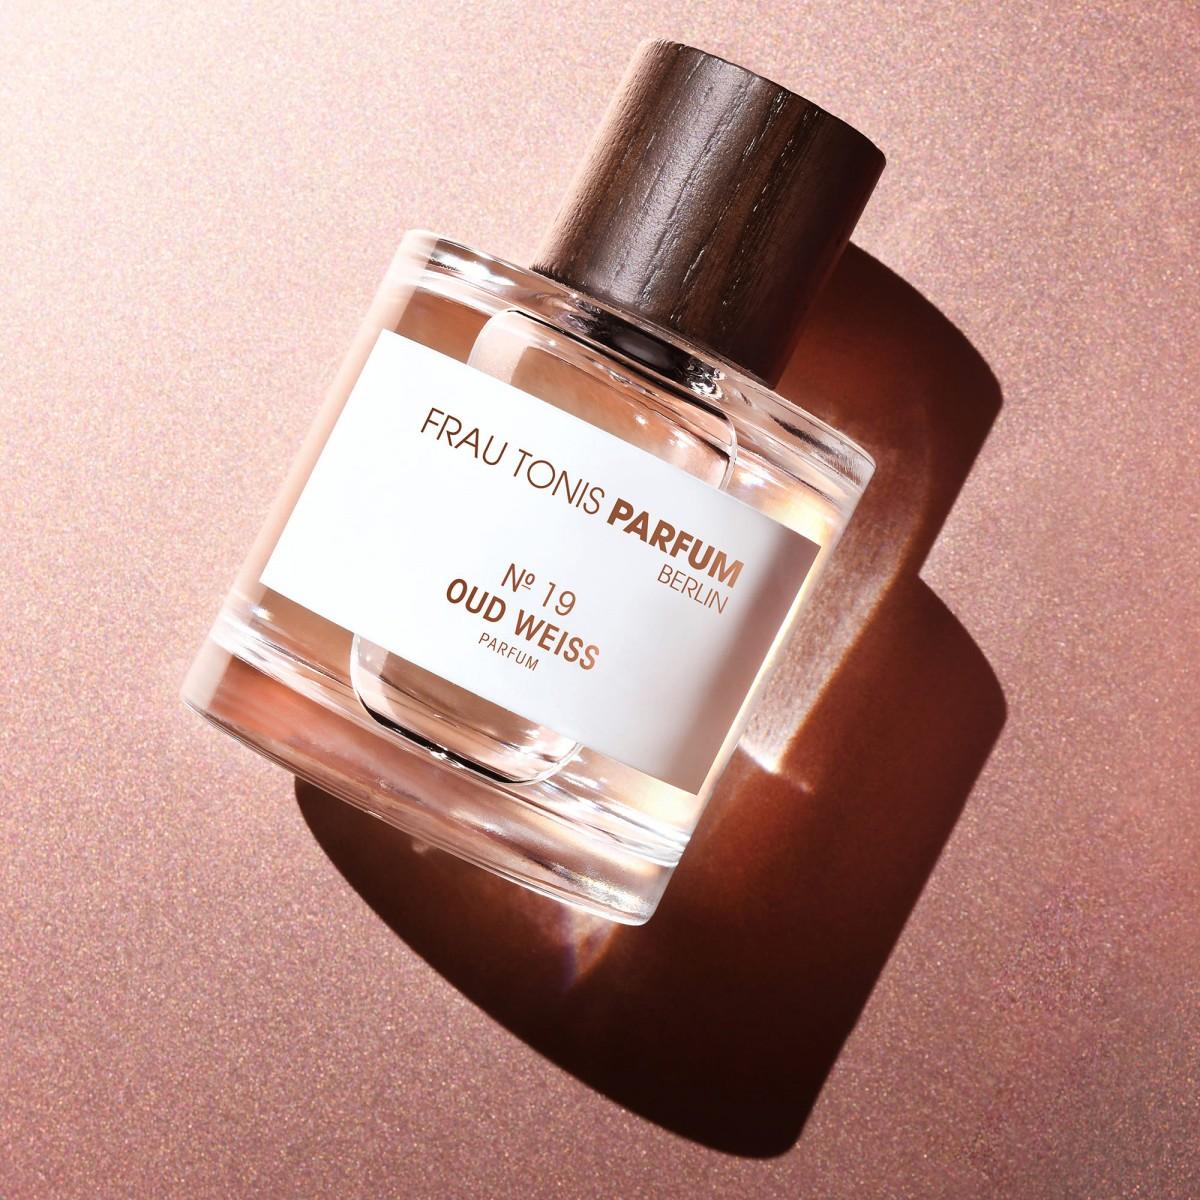 No. 19 Oud Weiss | Parfum Intense (50ml) by Frau Tonis Parfum